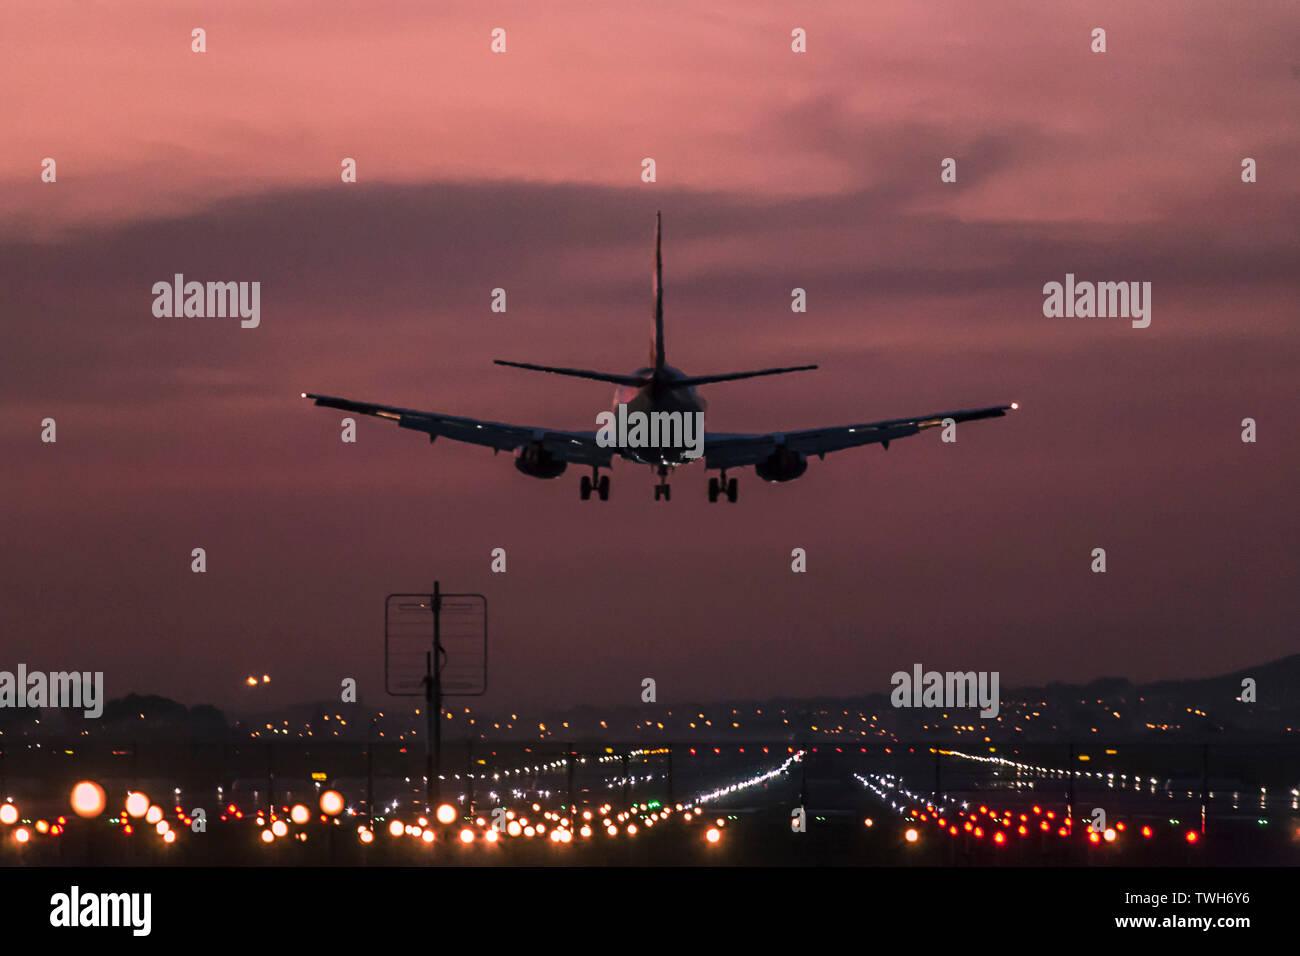 Los aviones de pasajeros de aterrizar en el Aeropuerto Internacional de Ciudad del Cabo al anochecer con la pista de aterrizaje claramente iluminado. Foto de stock